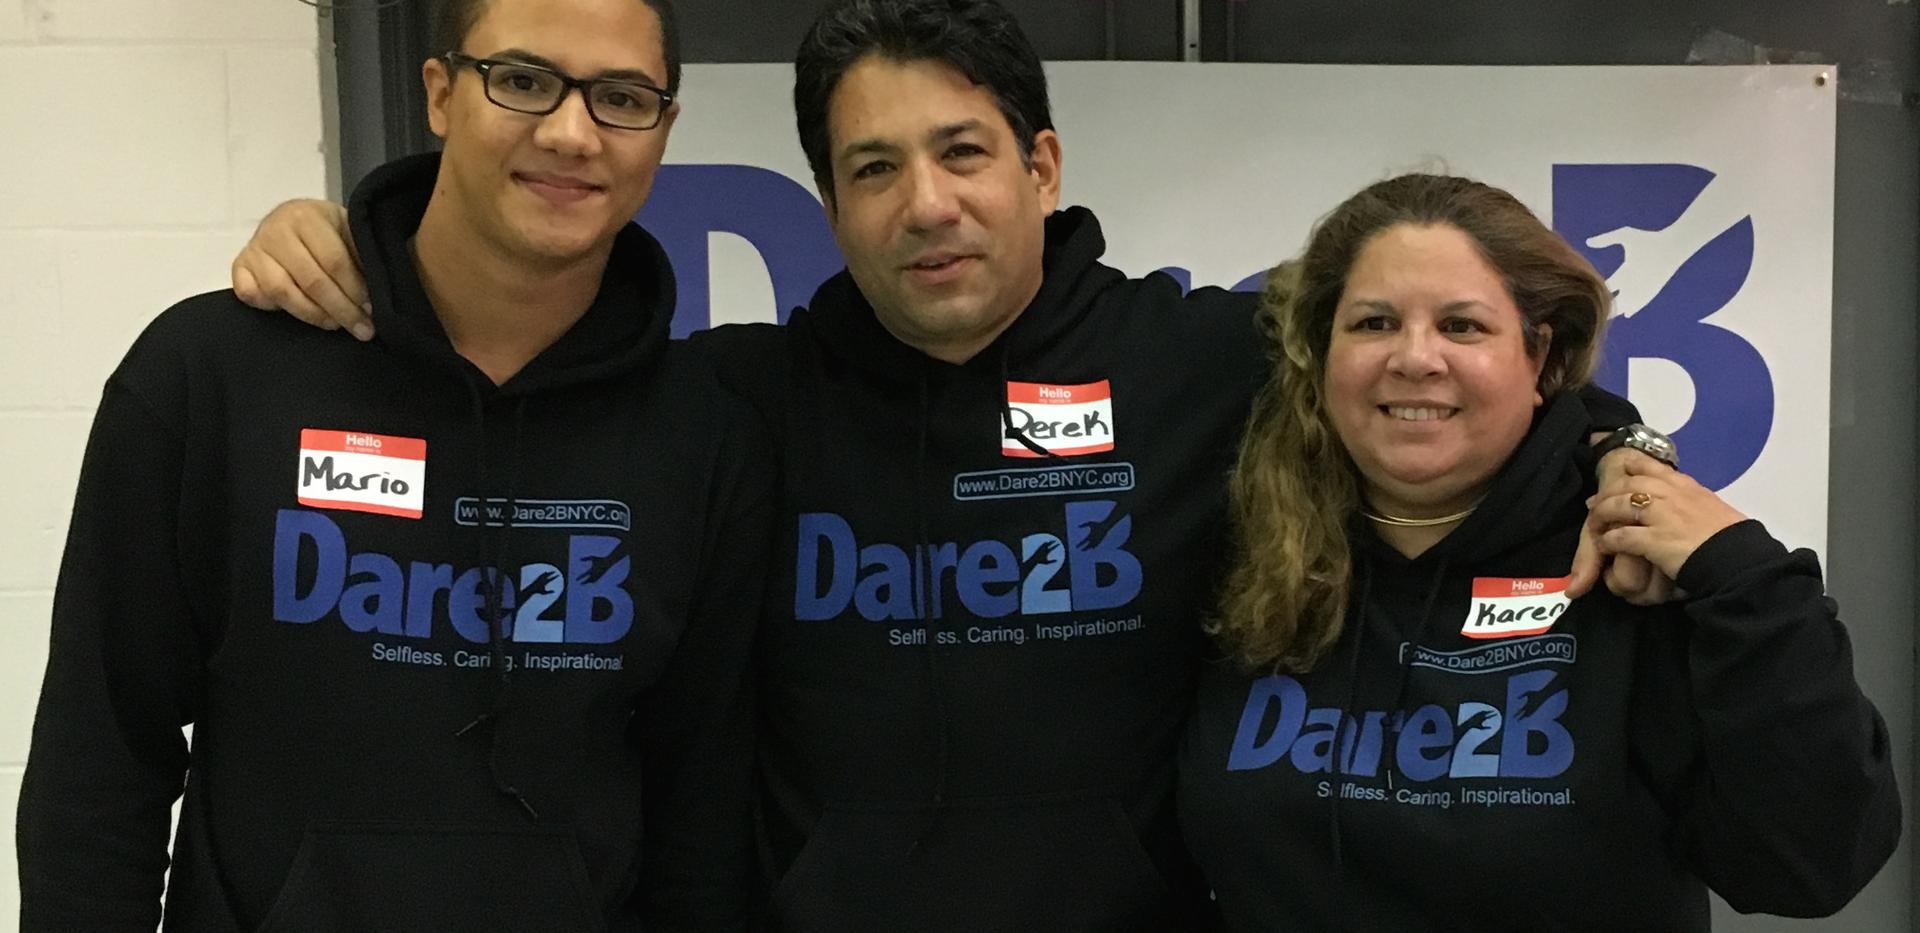 Derek, Karen and Mario with Hoodies.png